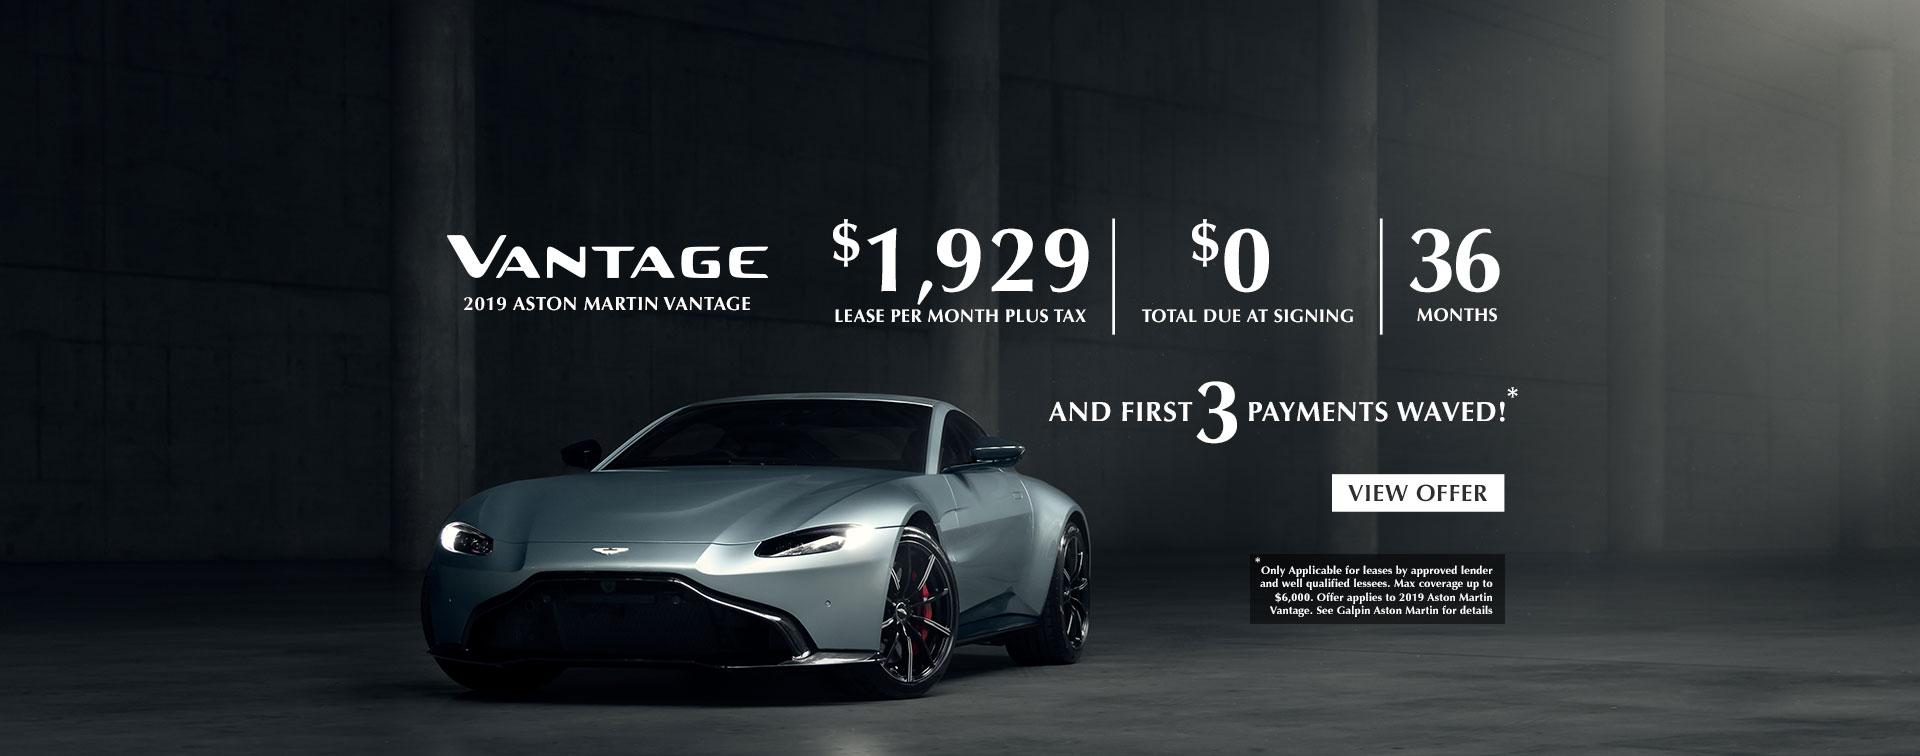 Galpin Aston Martin, Los Angeles Aston Martin Dealer, New V8 Vantage